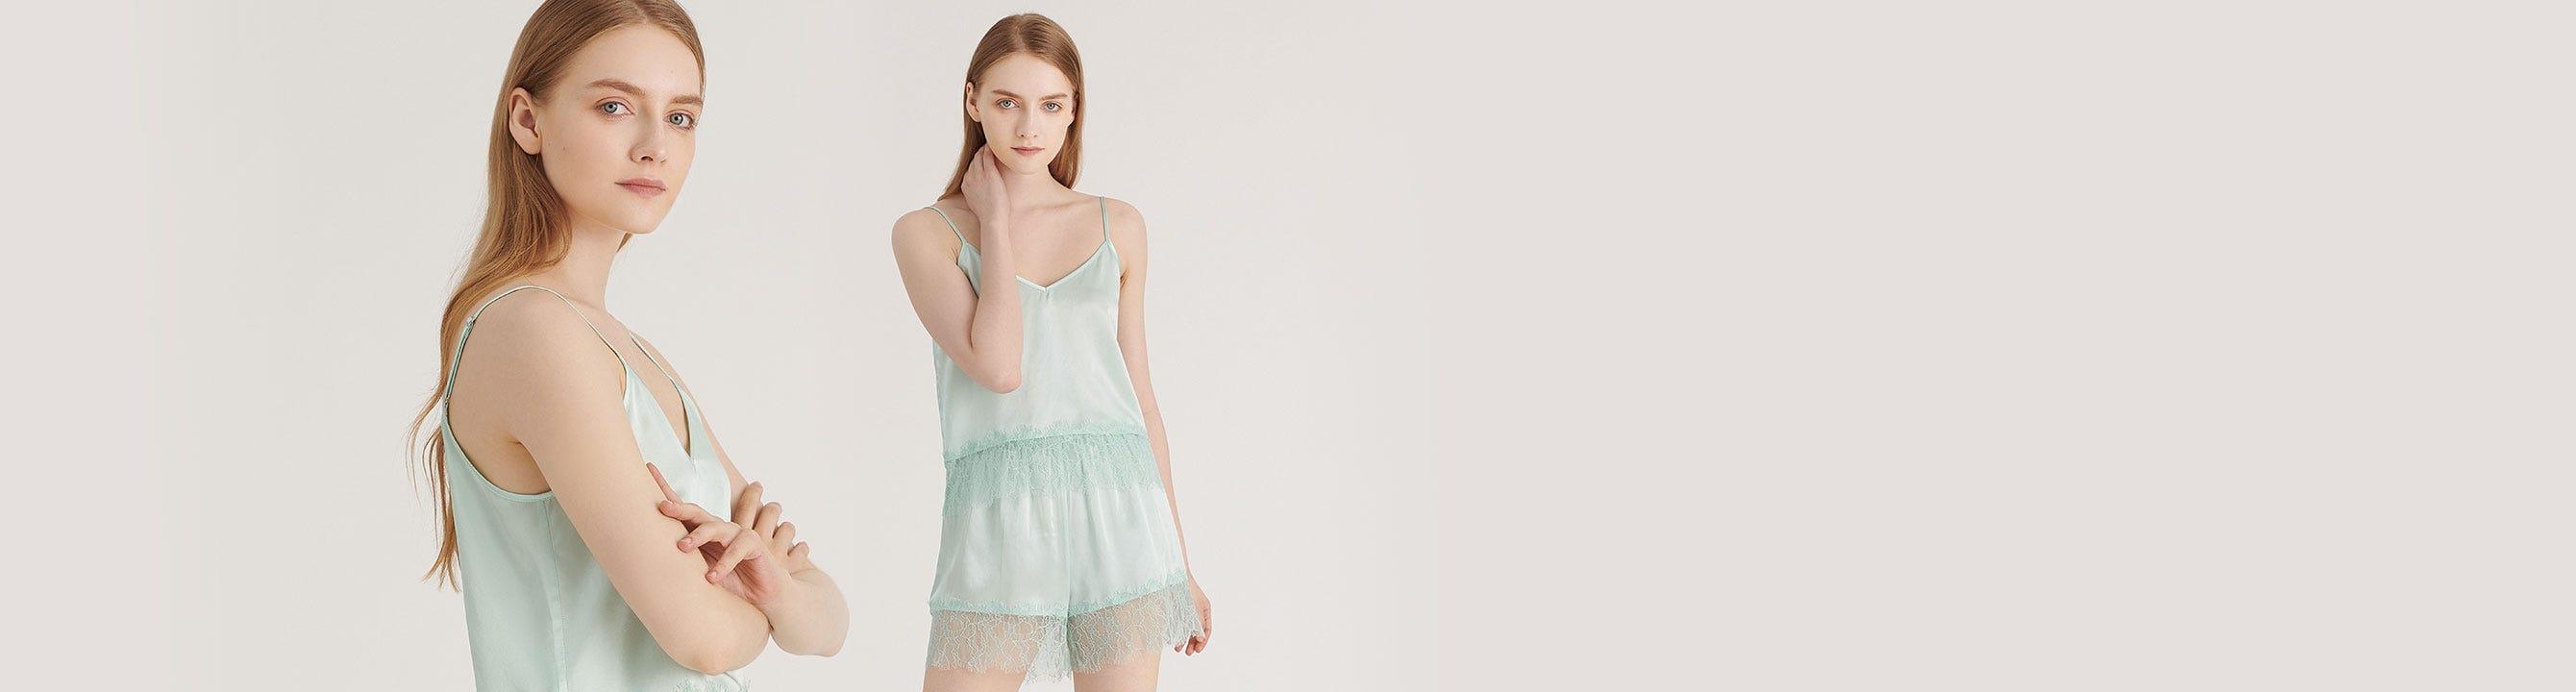 Silk Camisole Set For Women